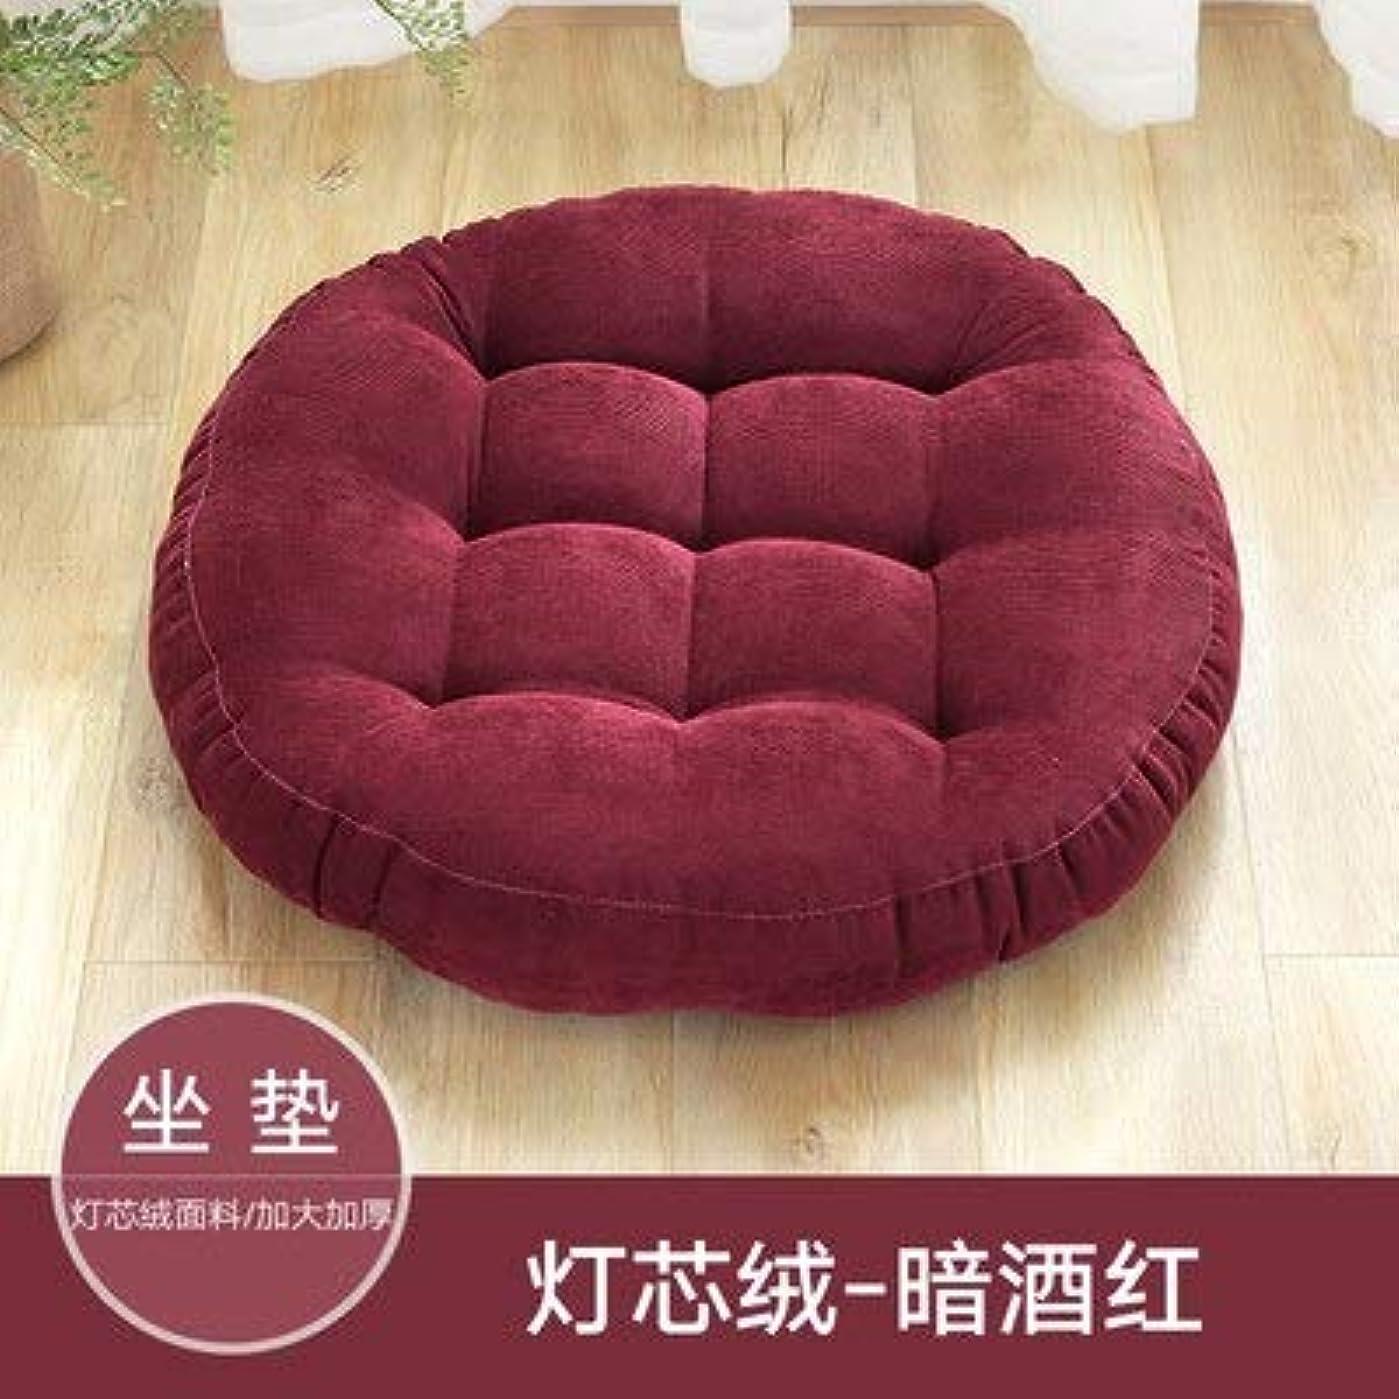 里親約束する疑い者LIFE ラウンド厚い椅子のクッションフロアマットレスシートパッドソフトホームオフィスチェアクッションマットソフトスロー枕最高品質の床クッション クッション 椅子